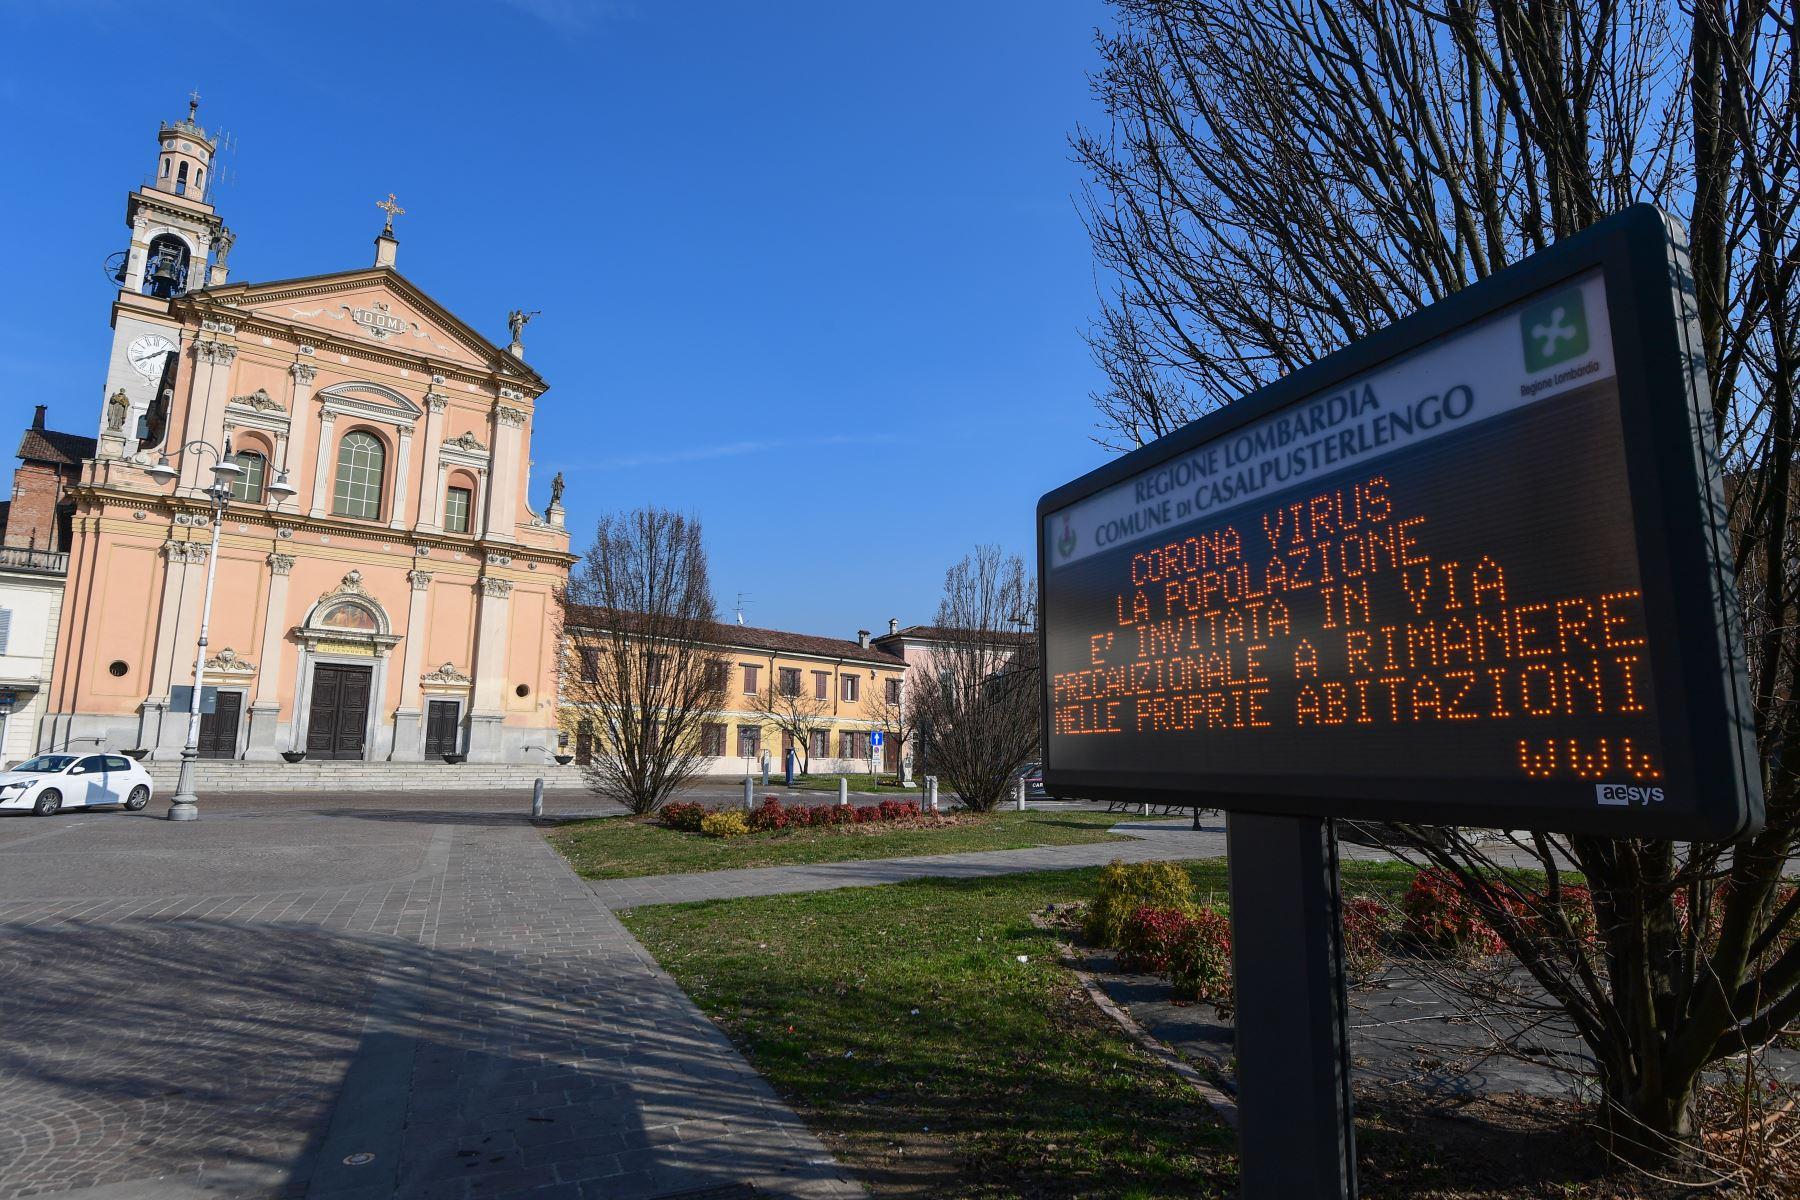 """En el pueblo de Casalpusterlengo, al sureste de Milán, se muestra un letrero de información municipal que dice """"Coronavirus, se invita a la población como medida de precaución a permanecer en su hogar"""". Foto: AFP"""